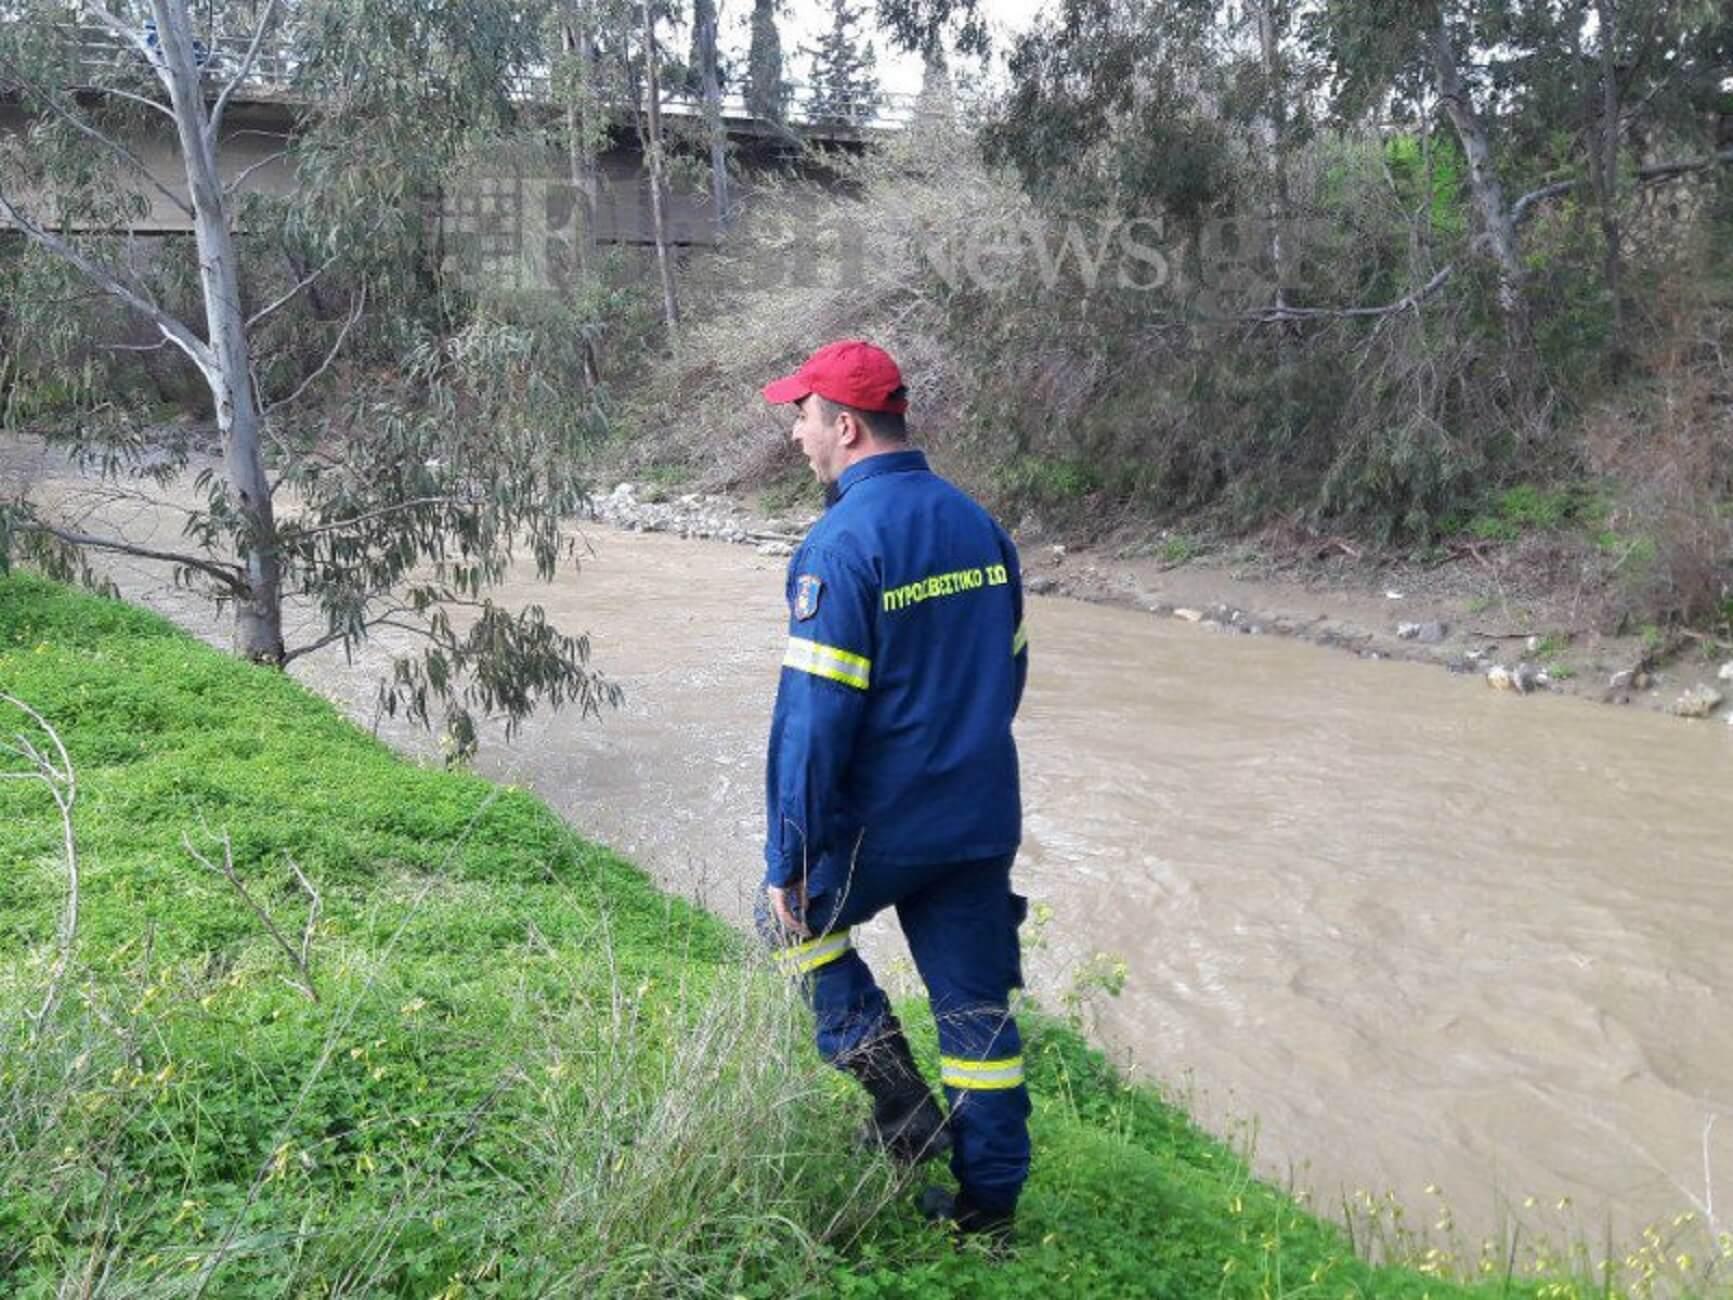 Τα δυο αγωνιώδη τηλεφωνήματα της οικογένειας που αγνοείται στην Κρήτη - «Σώστε μας, πνιγόμαστε» - «Στο 1,5 μέτρο το νερό, αδύνατη η έρευνα»